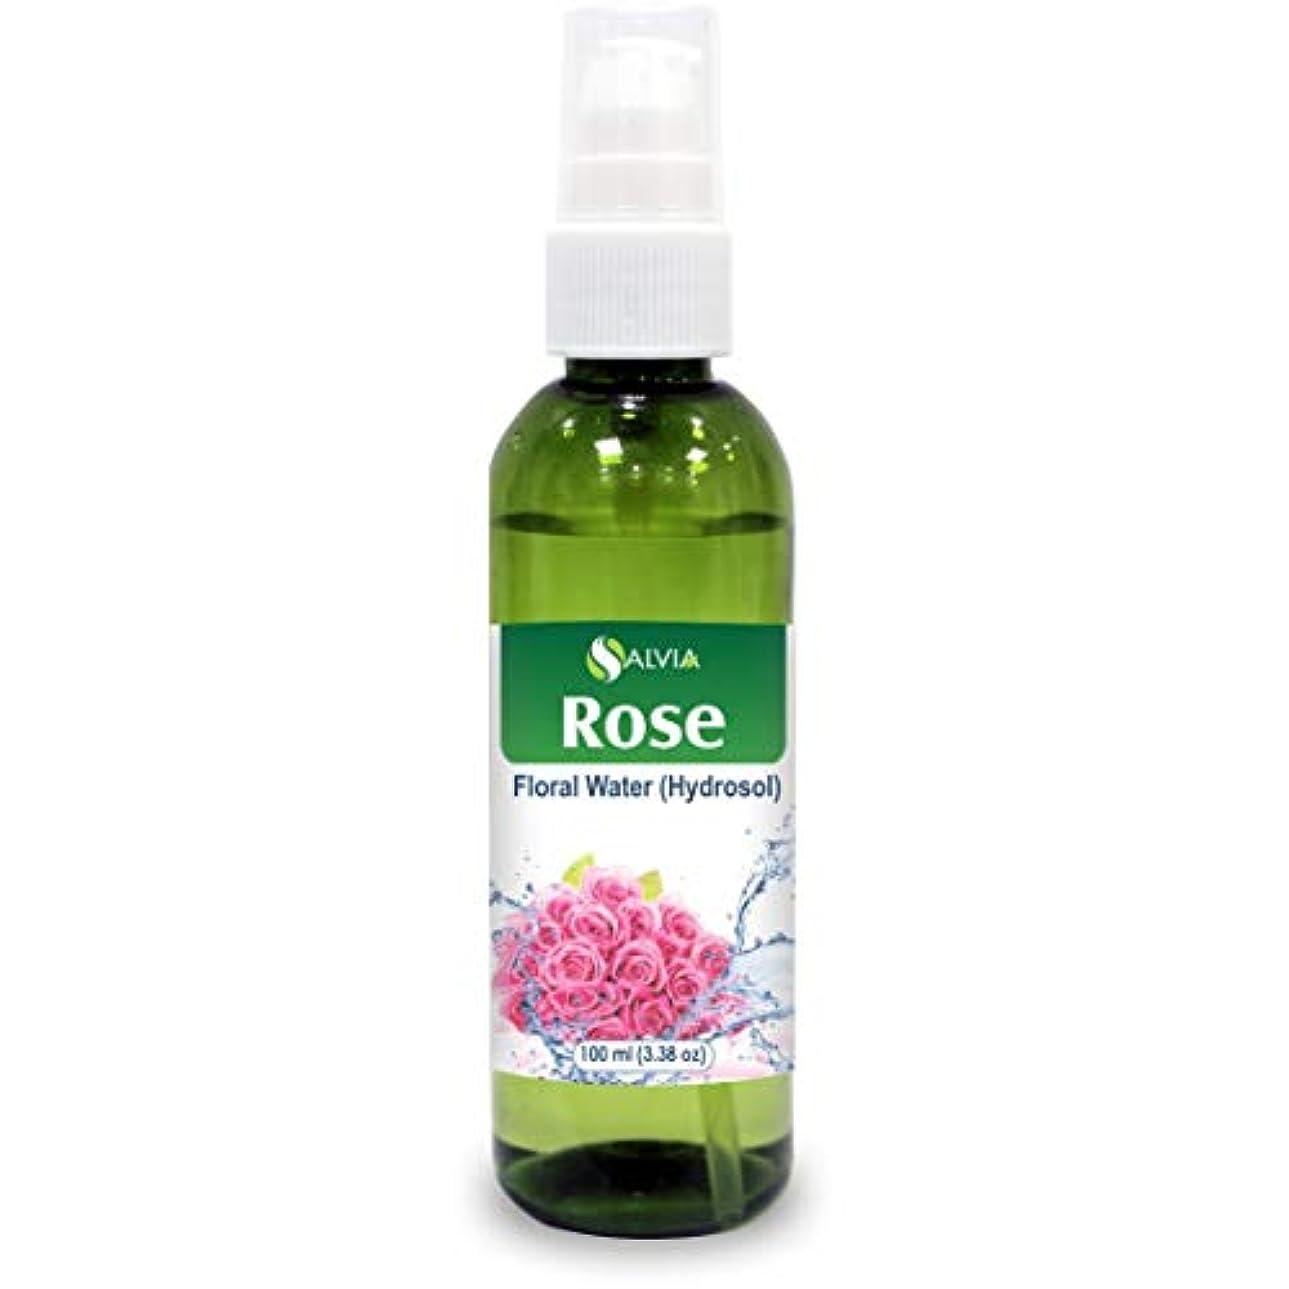 交響曲一致する養うRose Floral Water 100ml (Hydrosol) 100% Pure And Natural